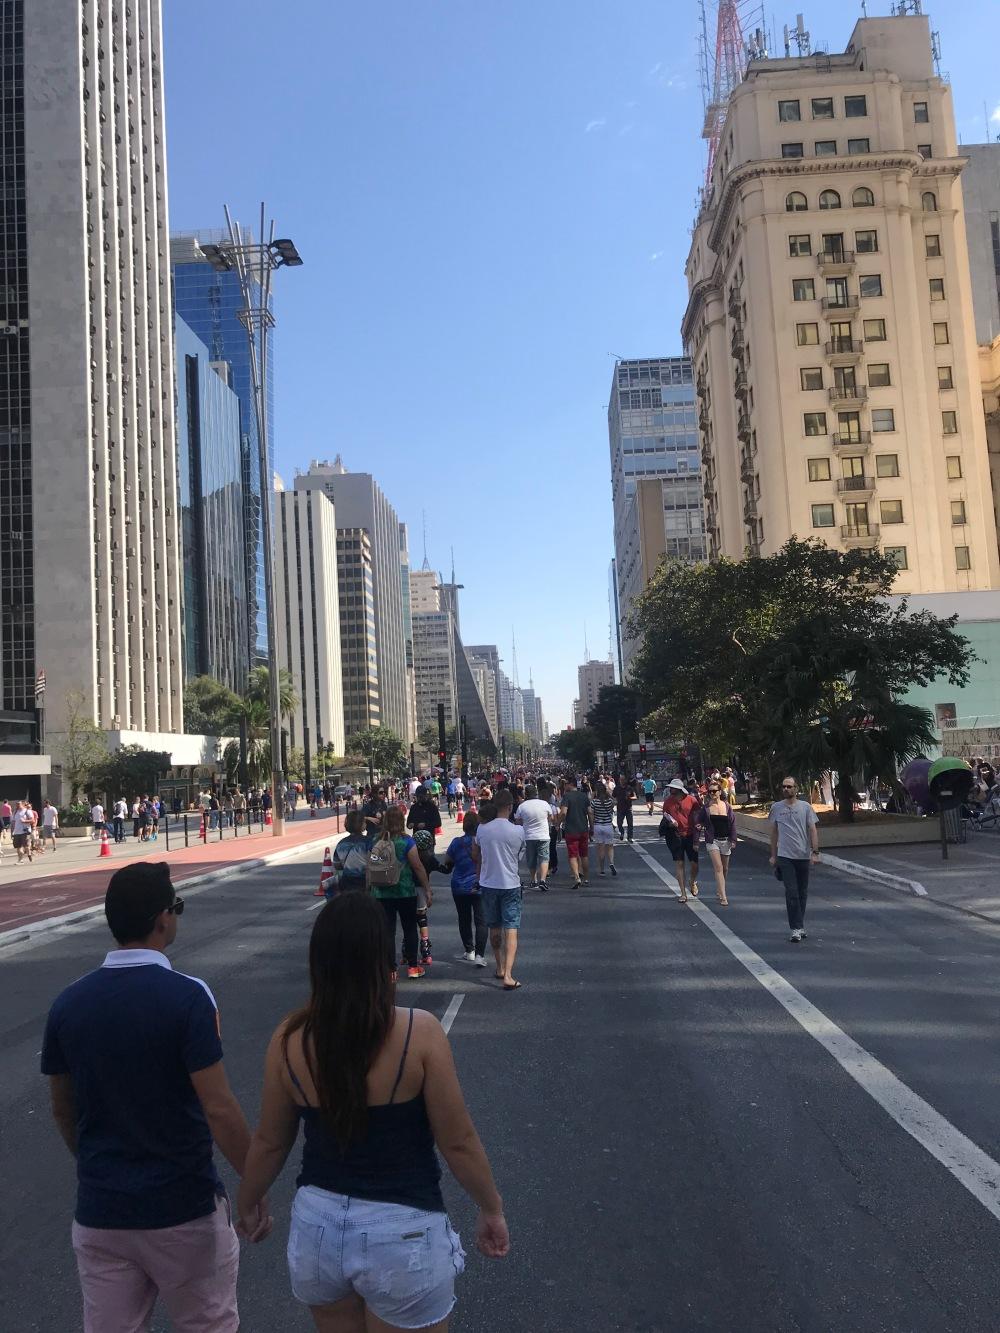 Passeio na Avenida Paulista em São Paulo